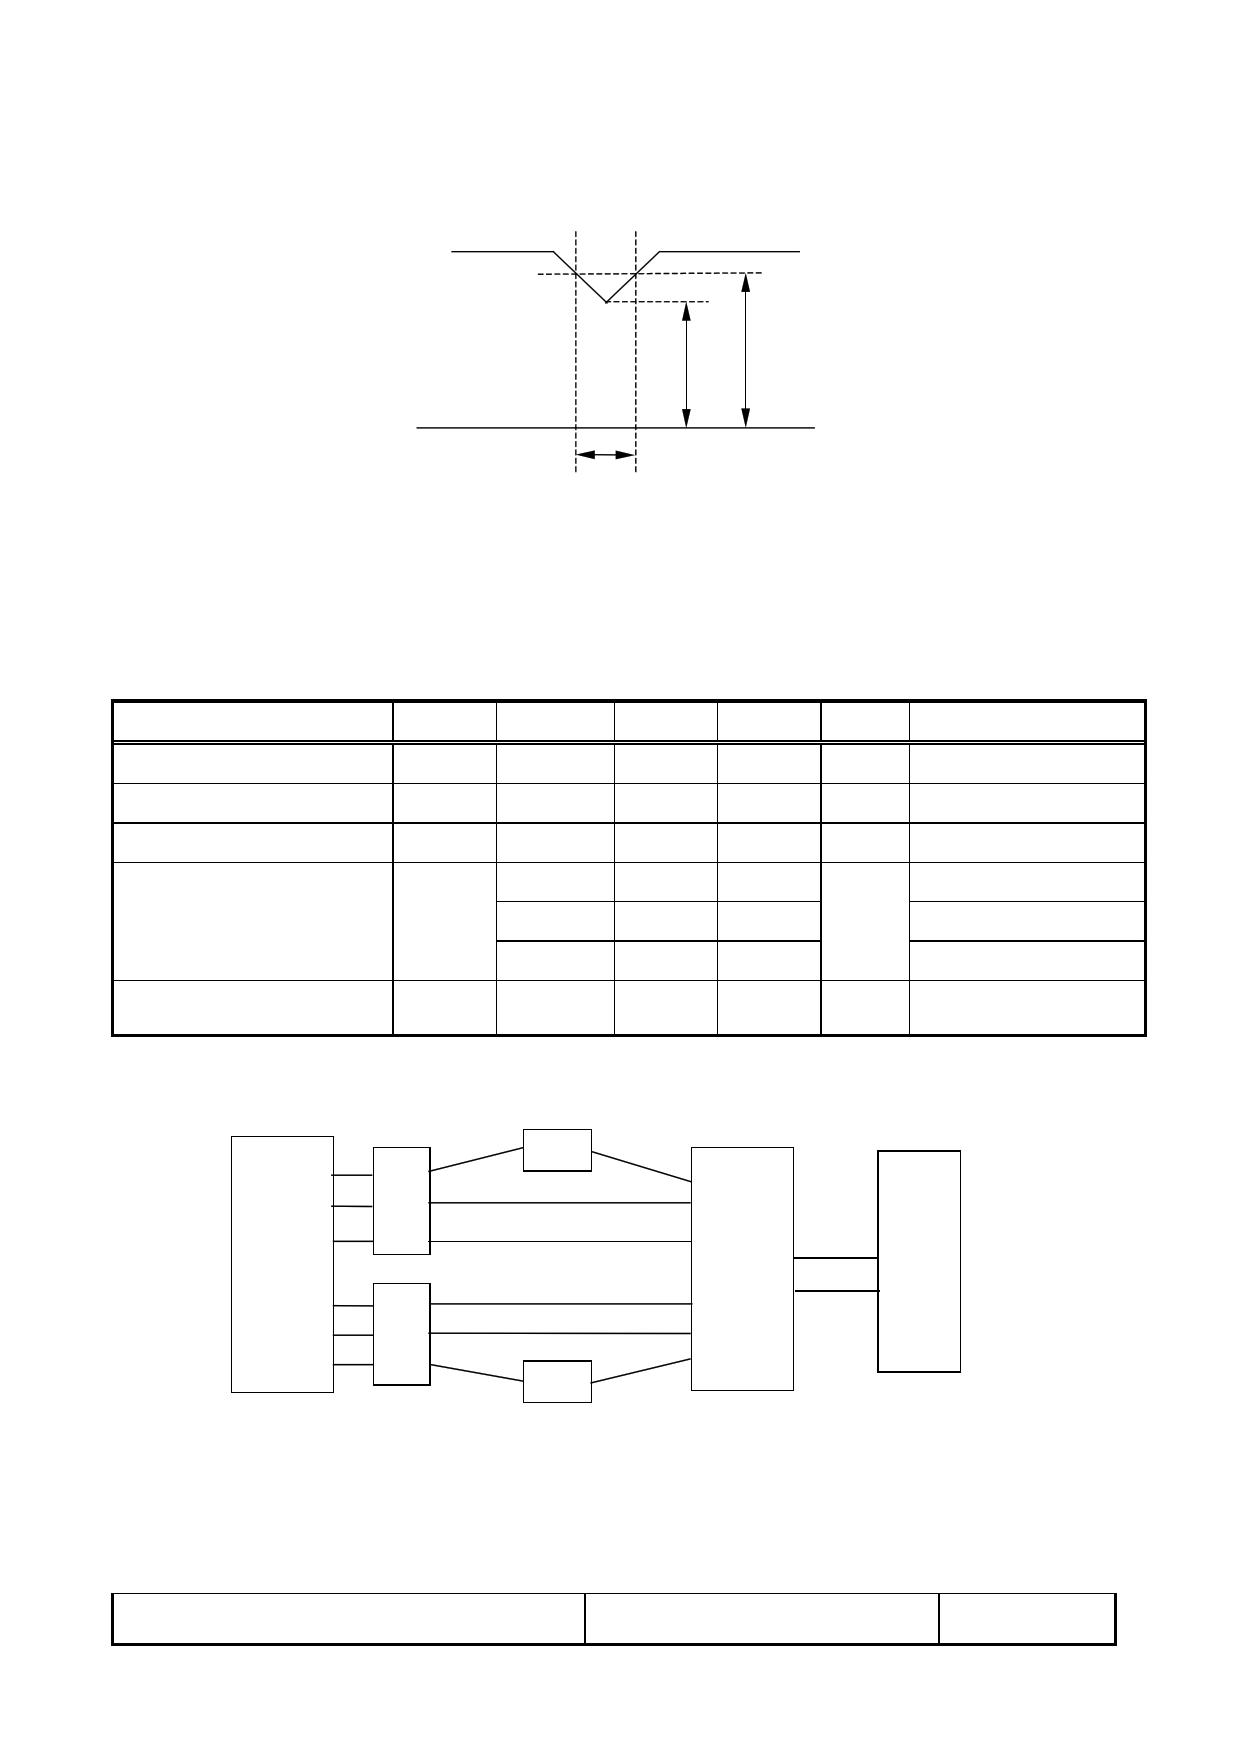 T-52017D121J-FW-A-AAN pdf